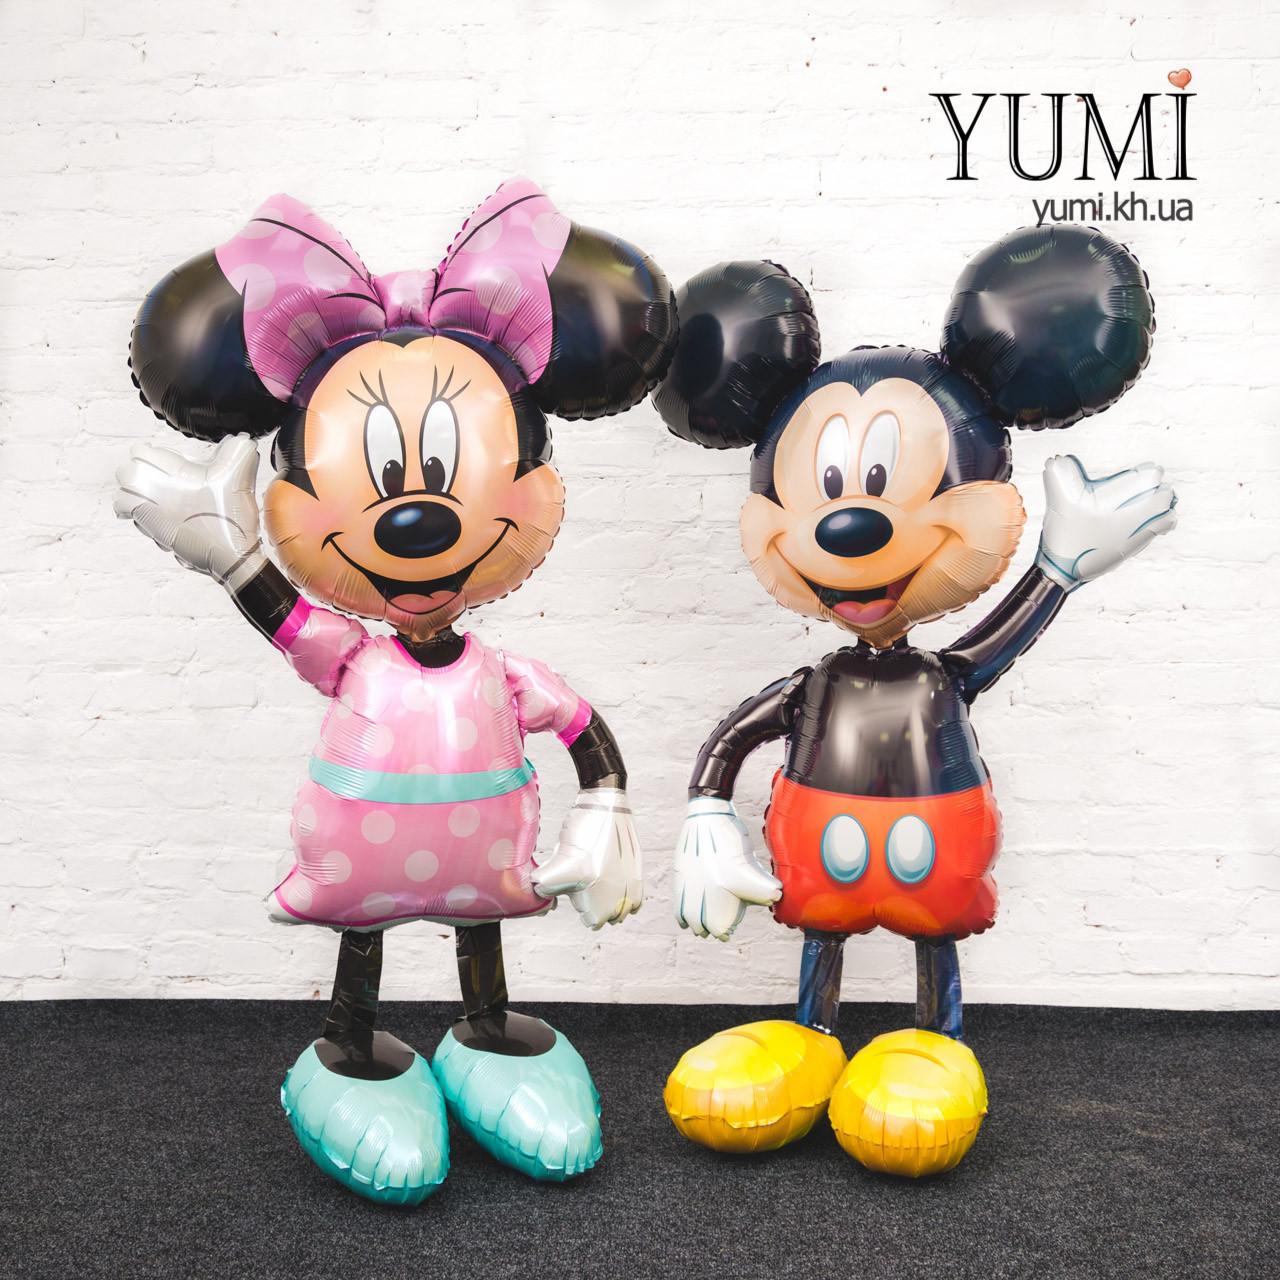 Ходячие шары фигуры Микки и Минни Маус